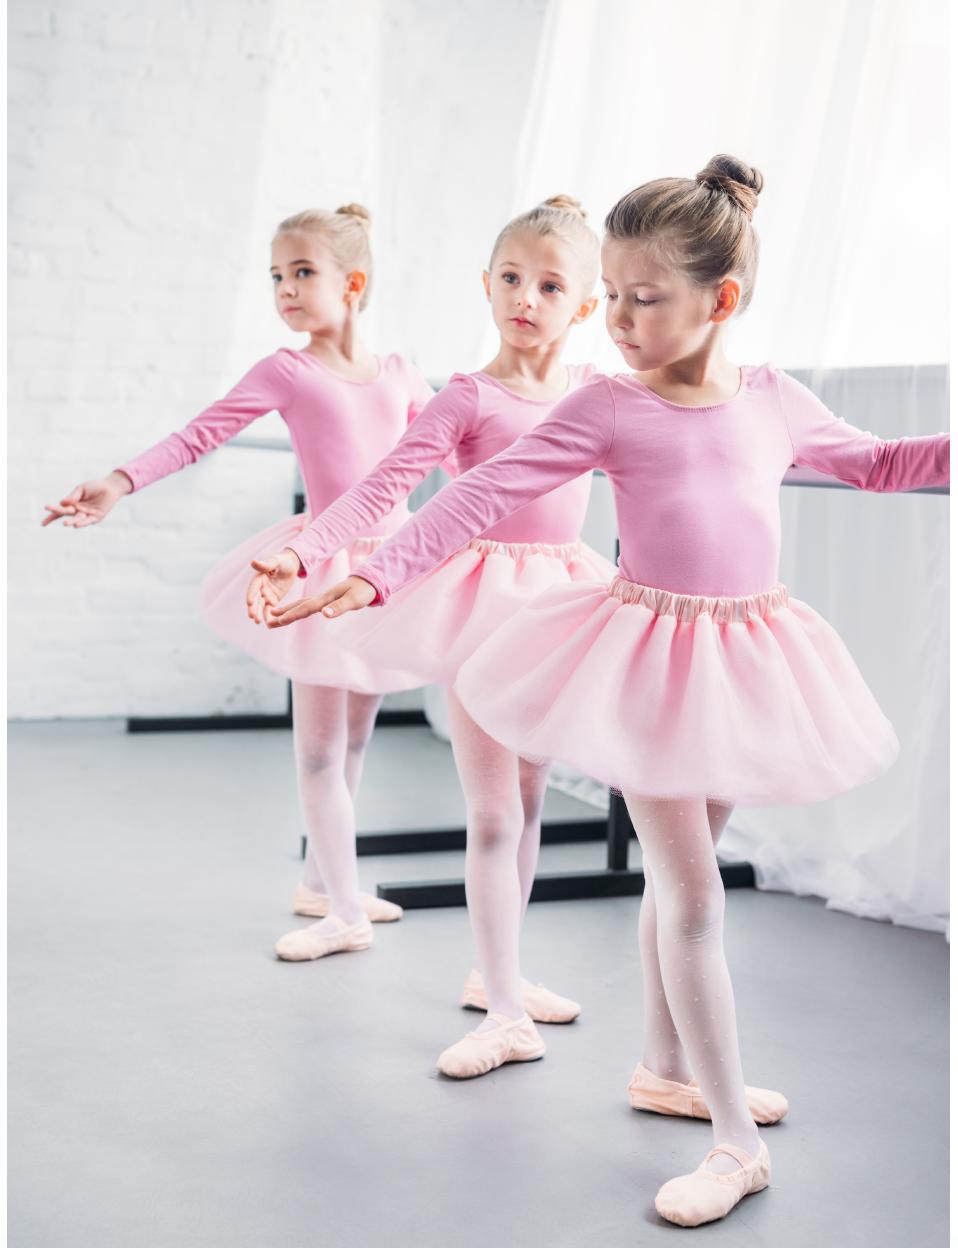 Kindertanz - Wenn kindliche Bewegungsfreude mit Einfühlungsvermögen und spielerischen Übungen geweckt und gefördert wird, entsteht bald eine wunderbare Grundlage, von der Kinder nicht nur im Tanz, sondern im ganzen Leben profitieren.